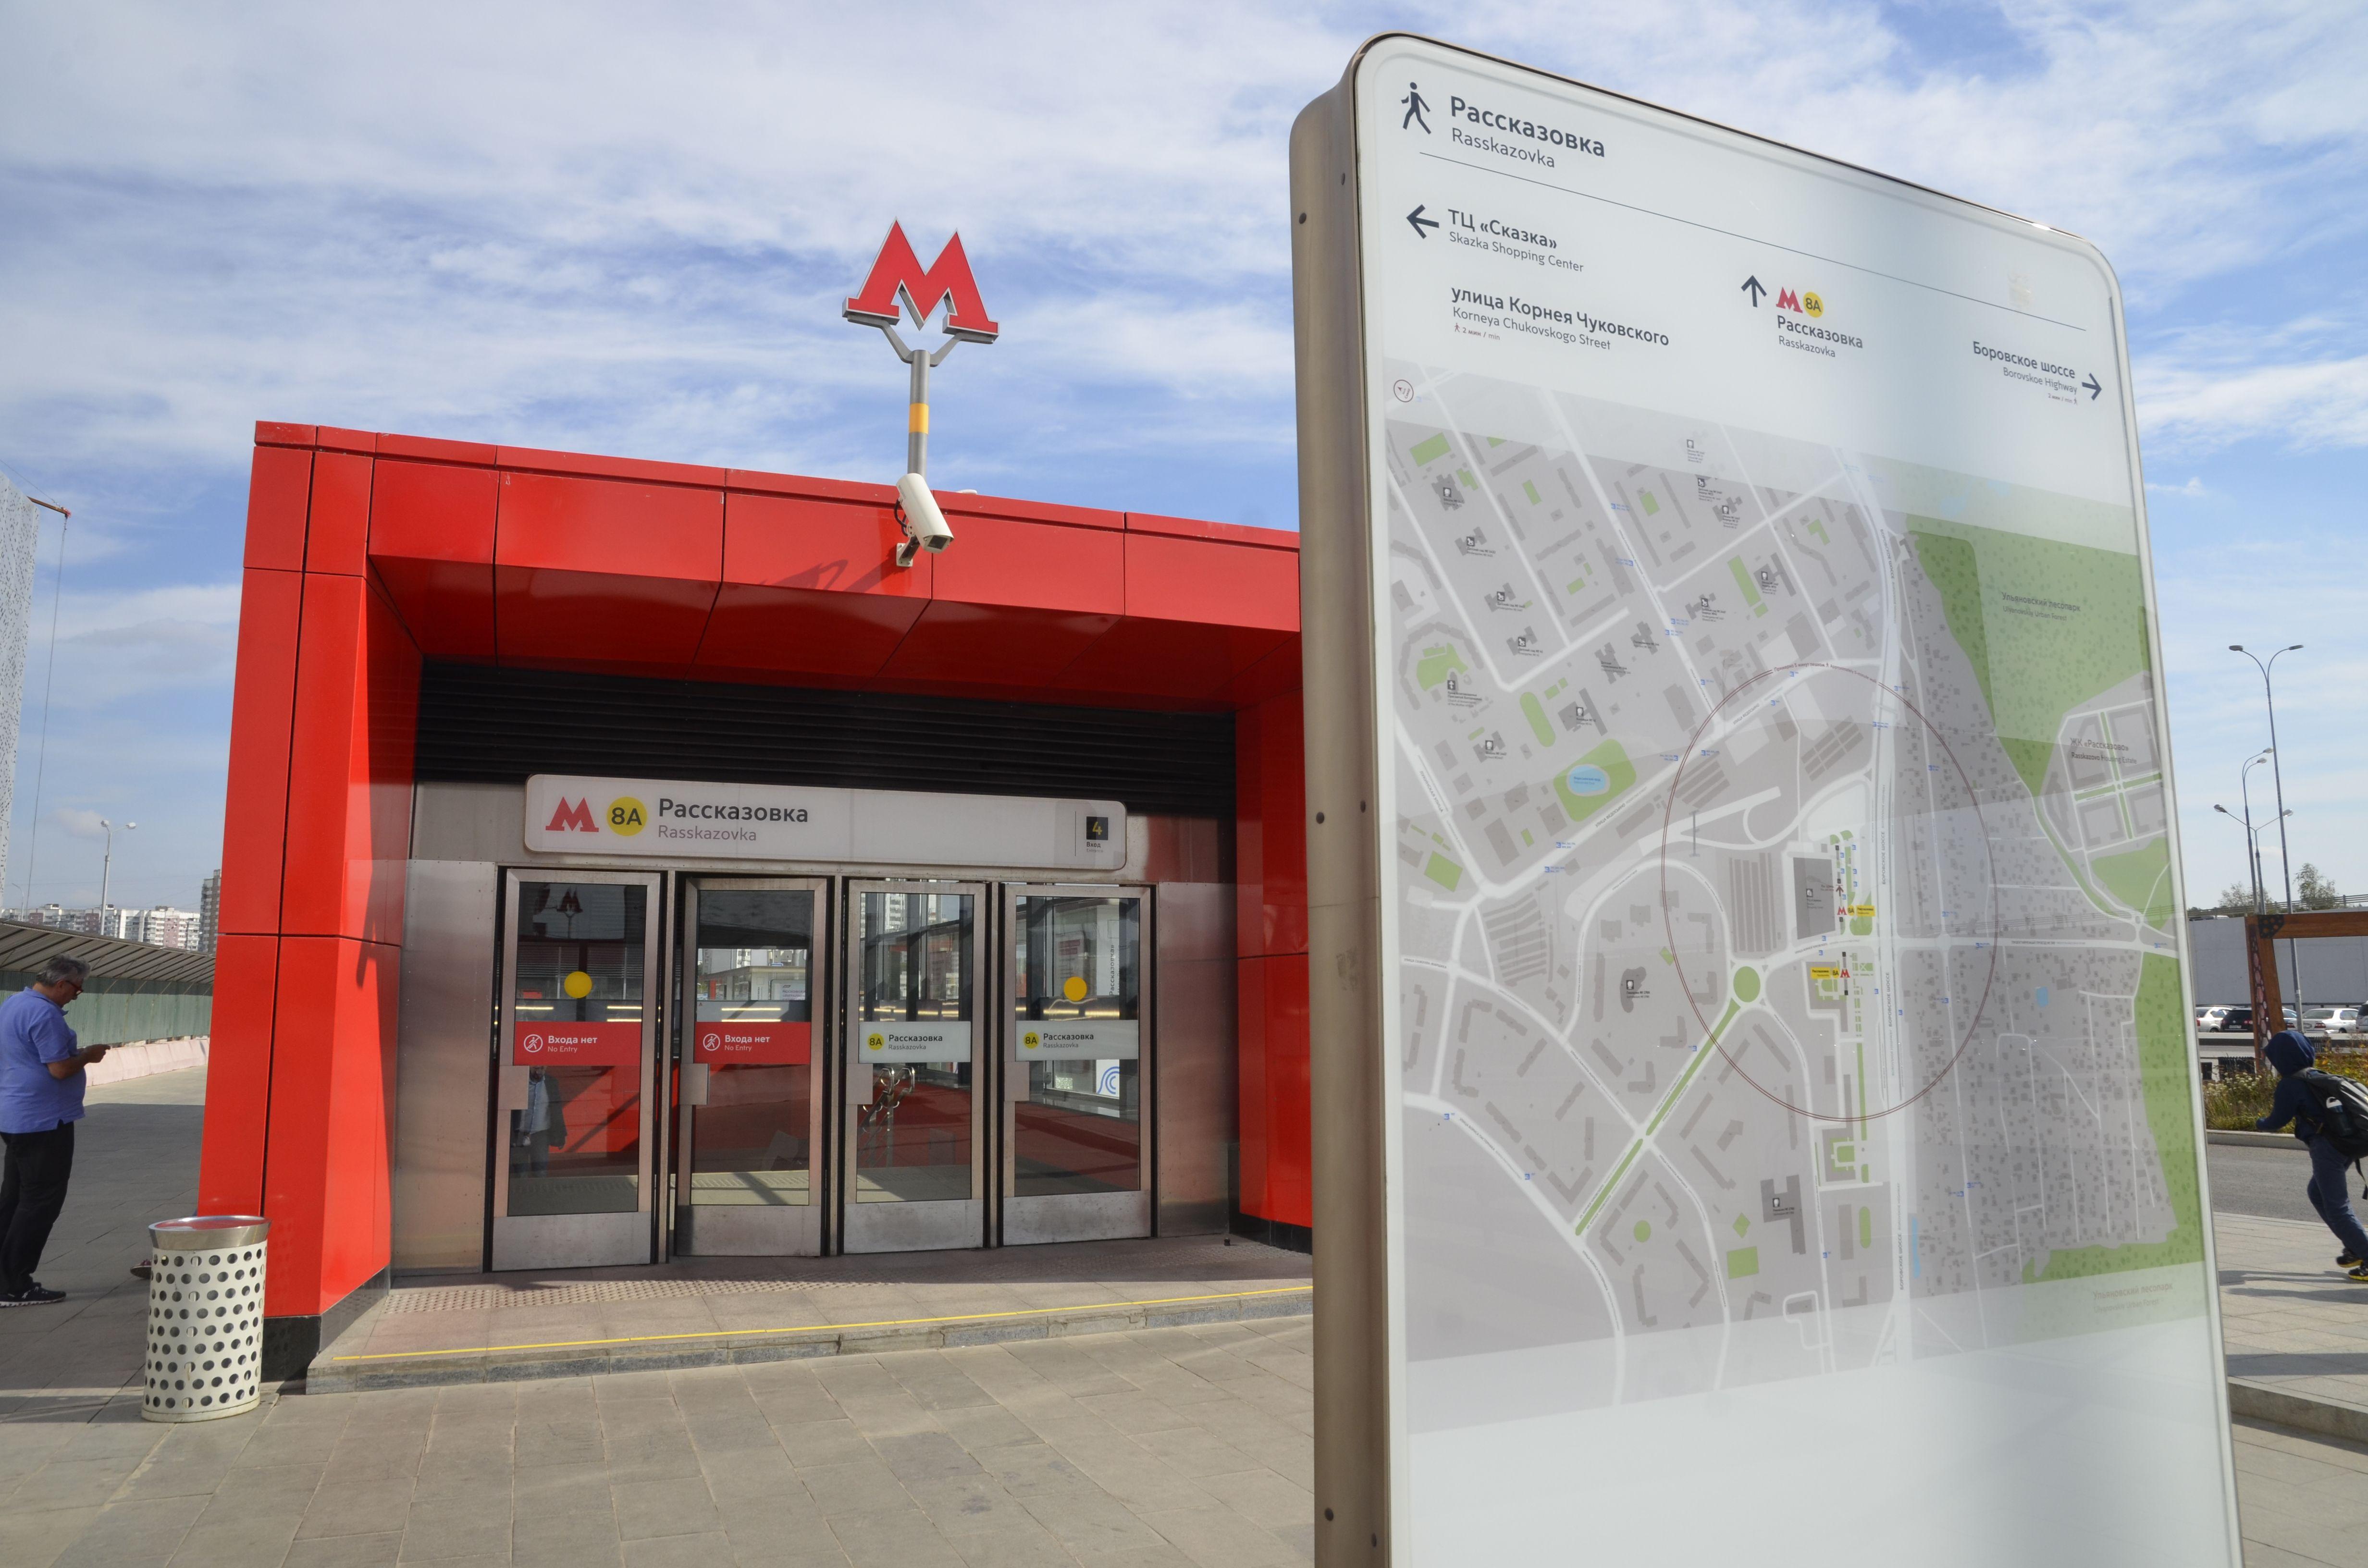 Вестибюли станции метро «Рассказовка» вновь открыли для пассажиров